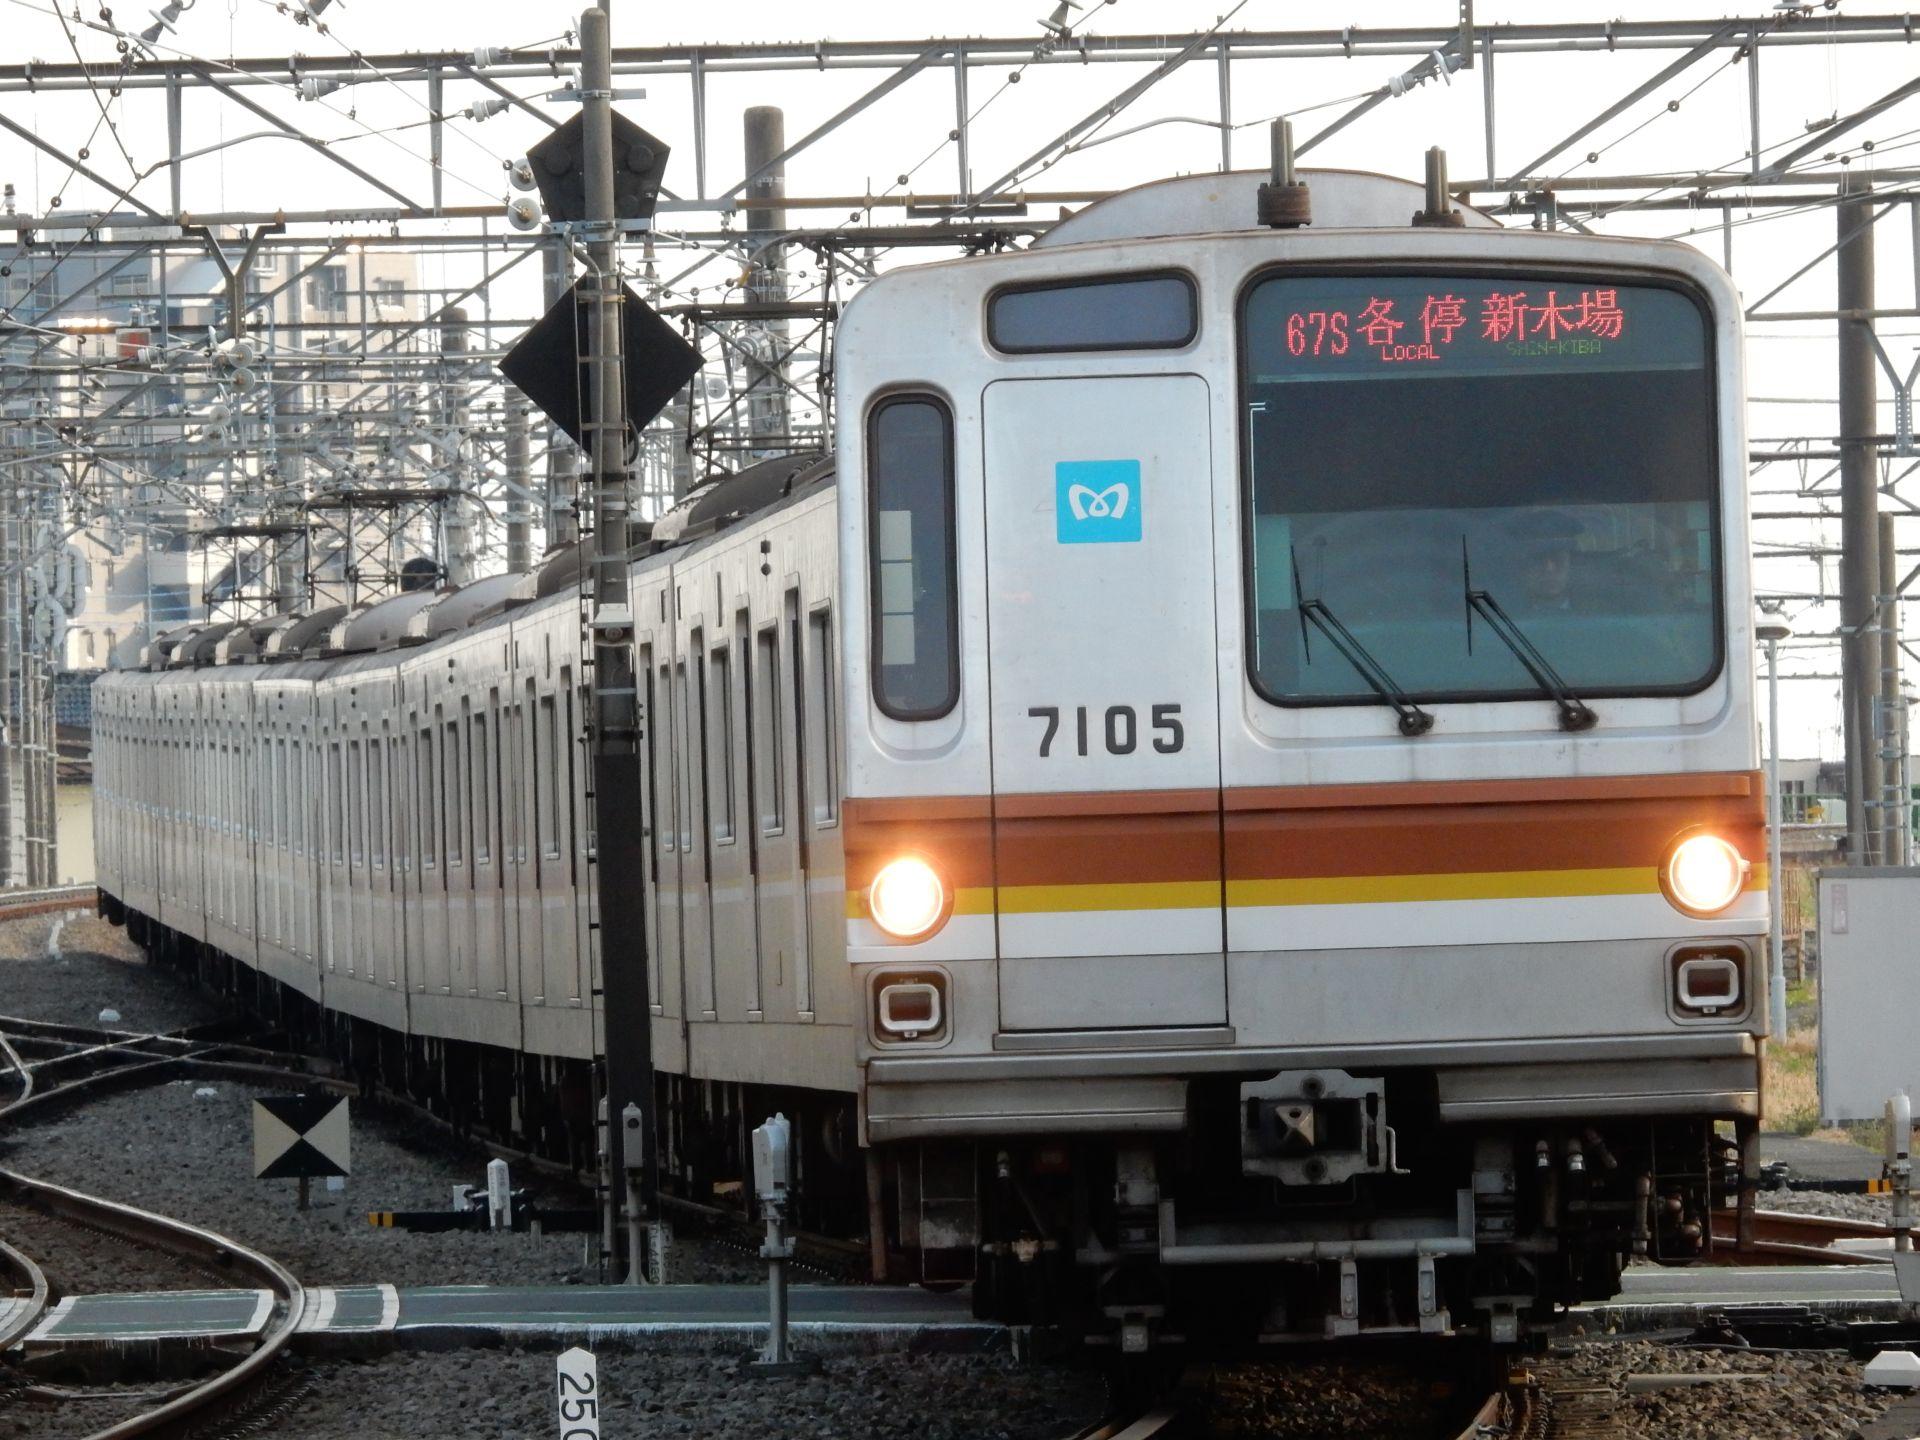 DSCN6096 - コピー